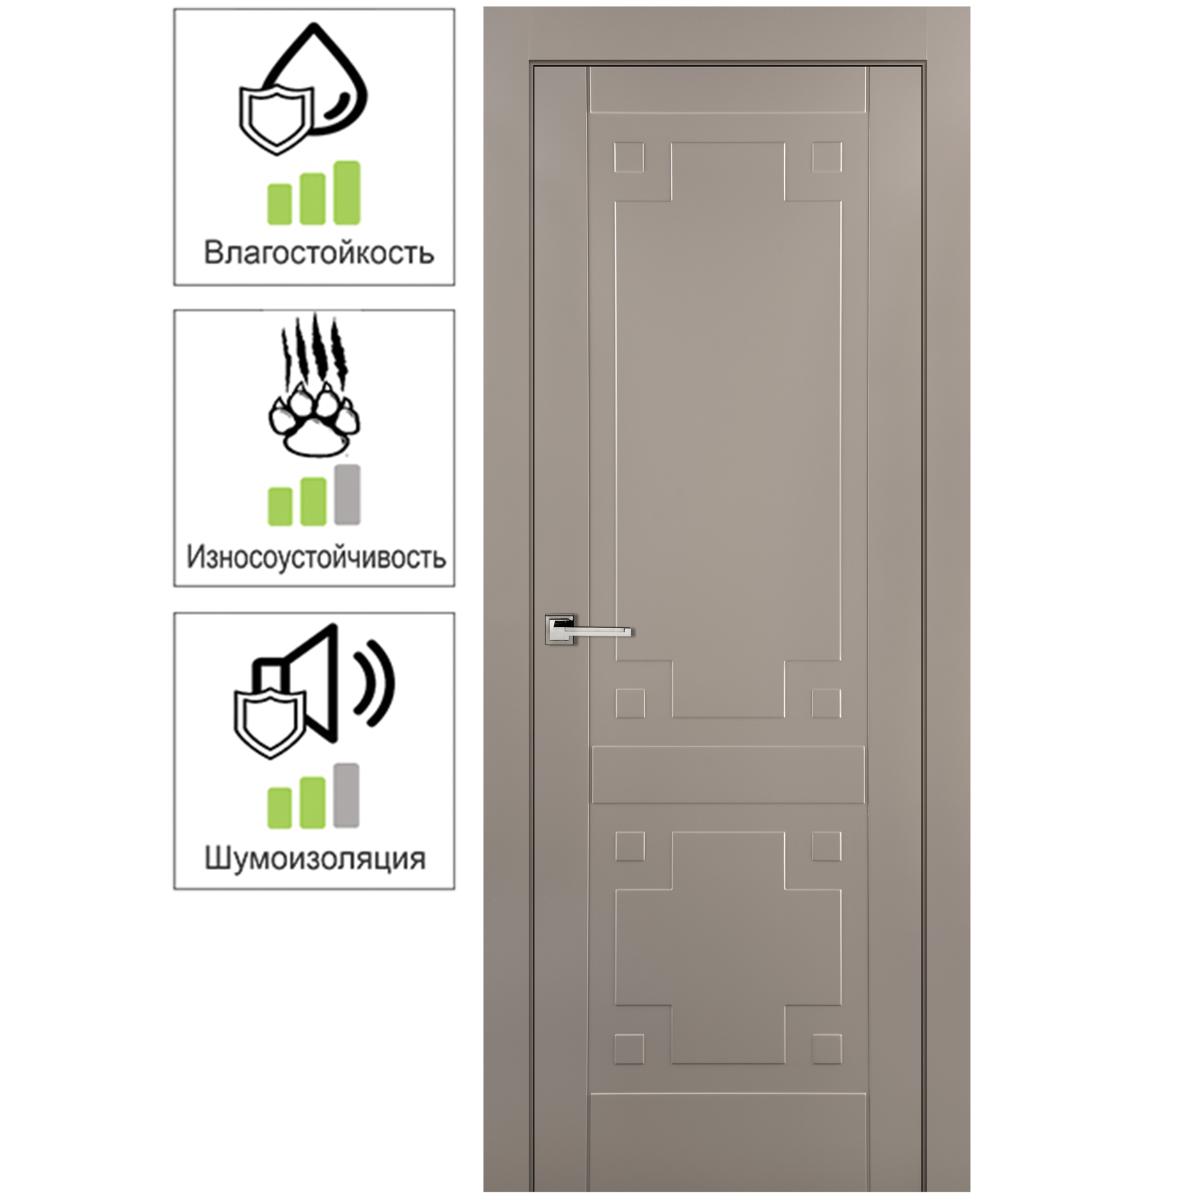 Дверь межкомнатная глухая с замком в комплекте Лира 70x200 см эмаль цвет мускат